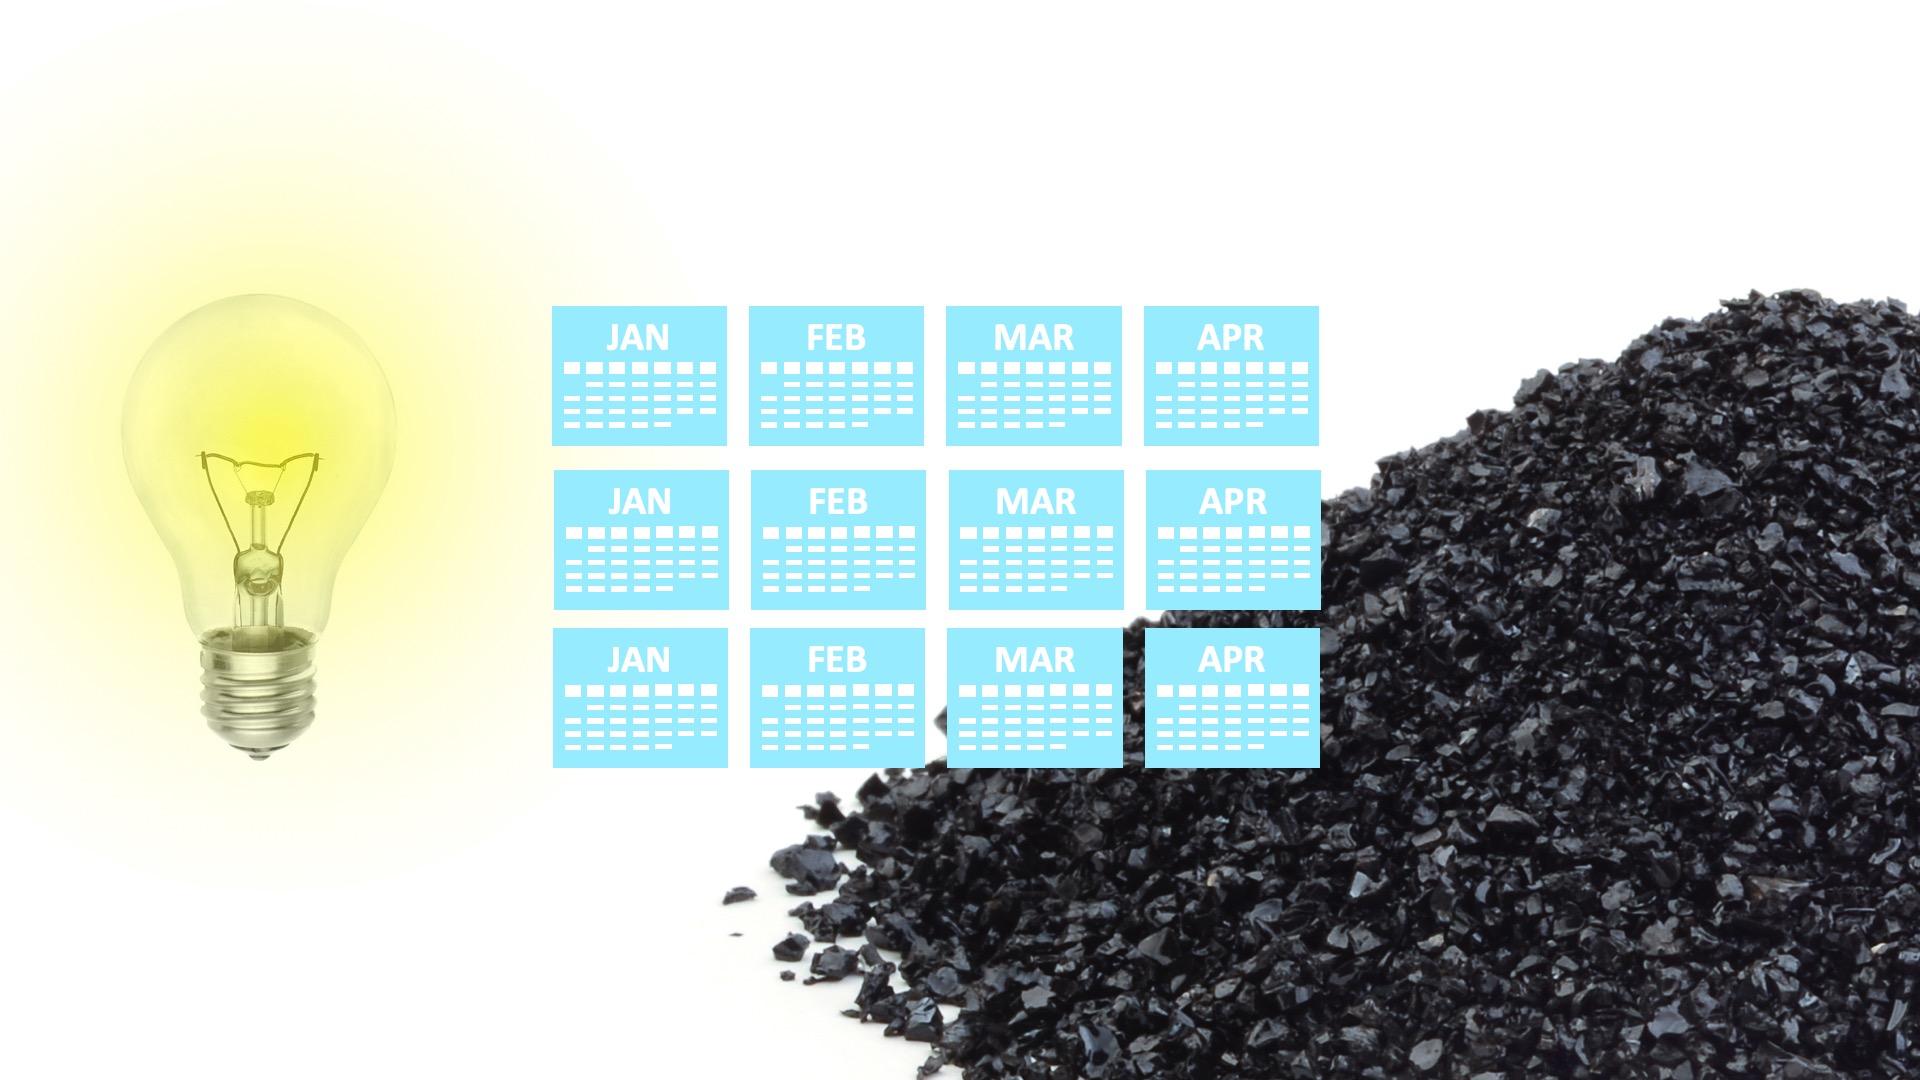 A calendar, a bulb and a pile of coal